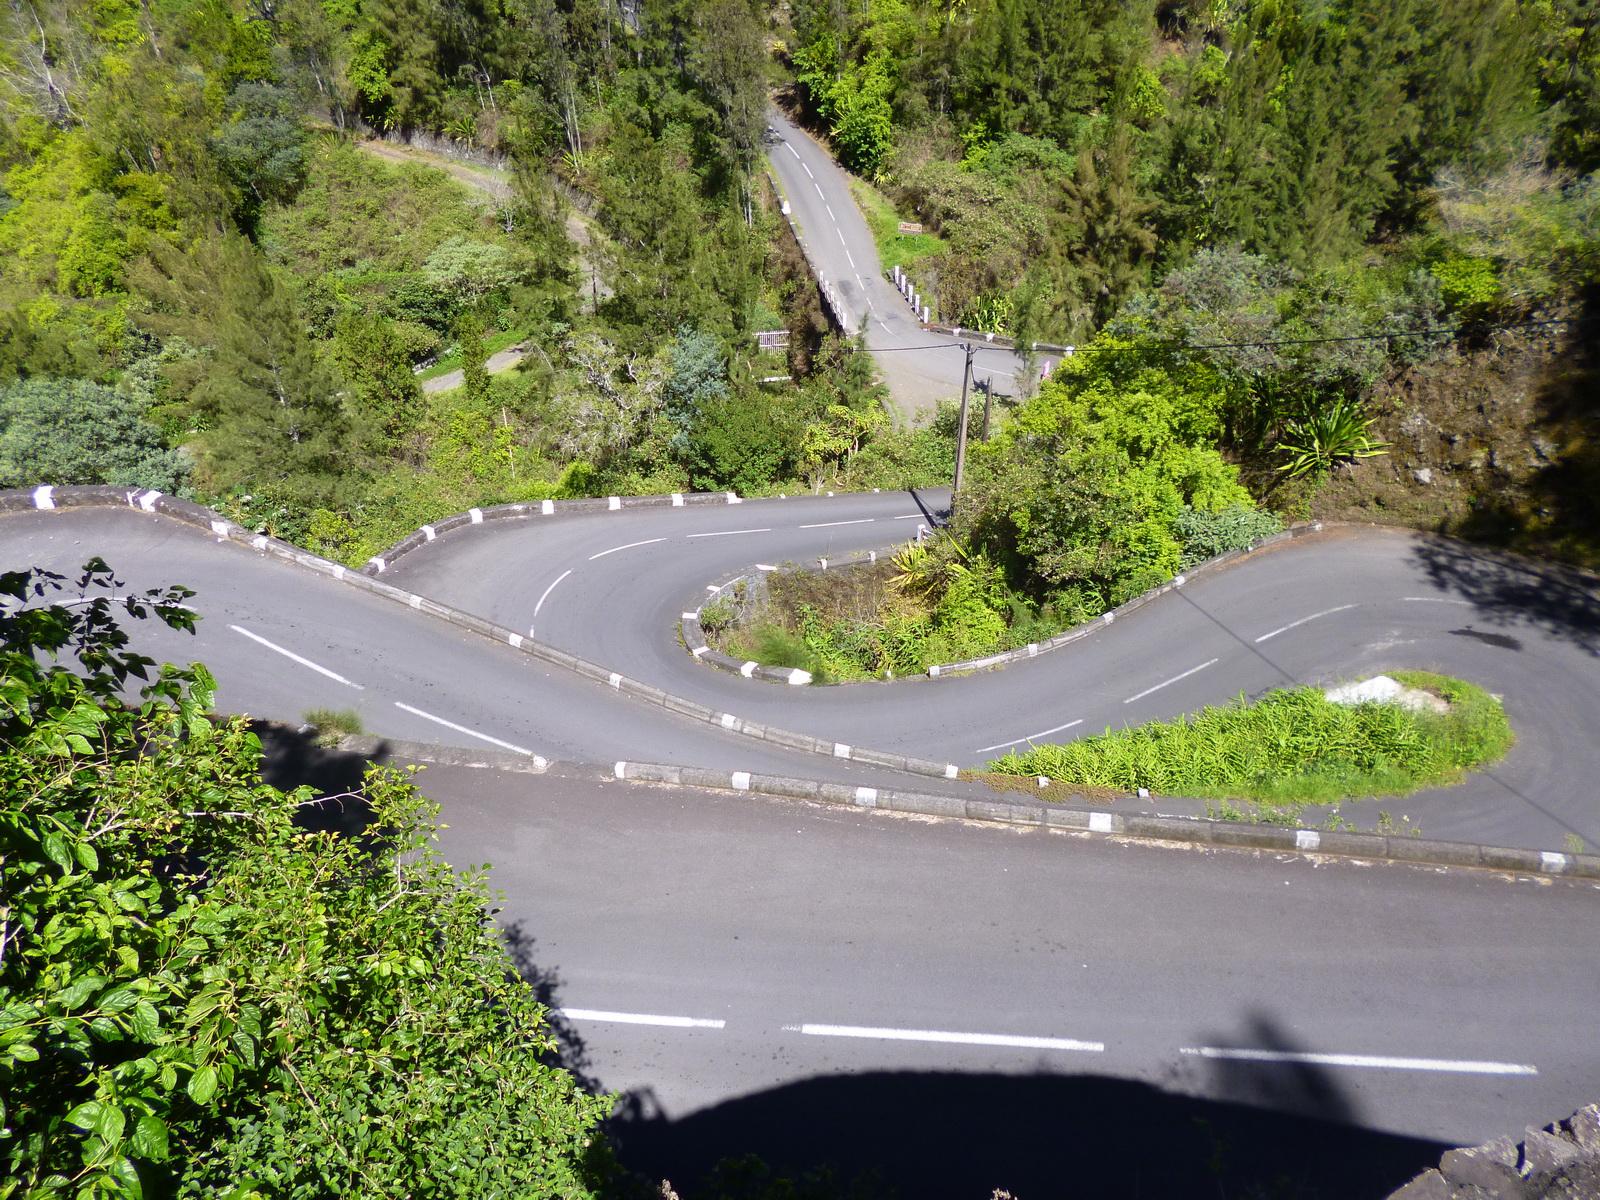 LA RÉUNION : la route de Cilaos, dite route aux 400 virages 629640P1010873